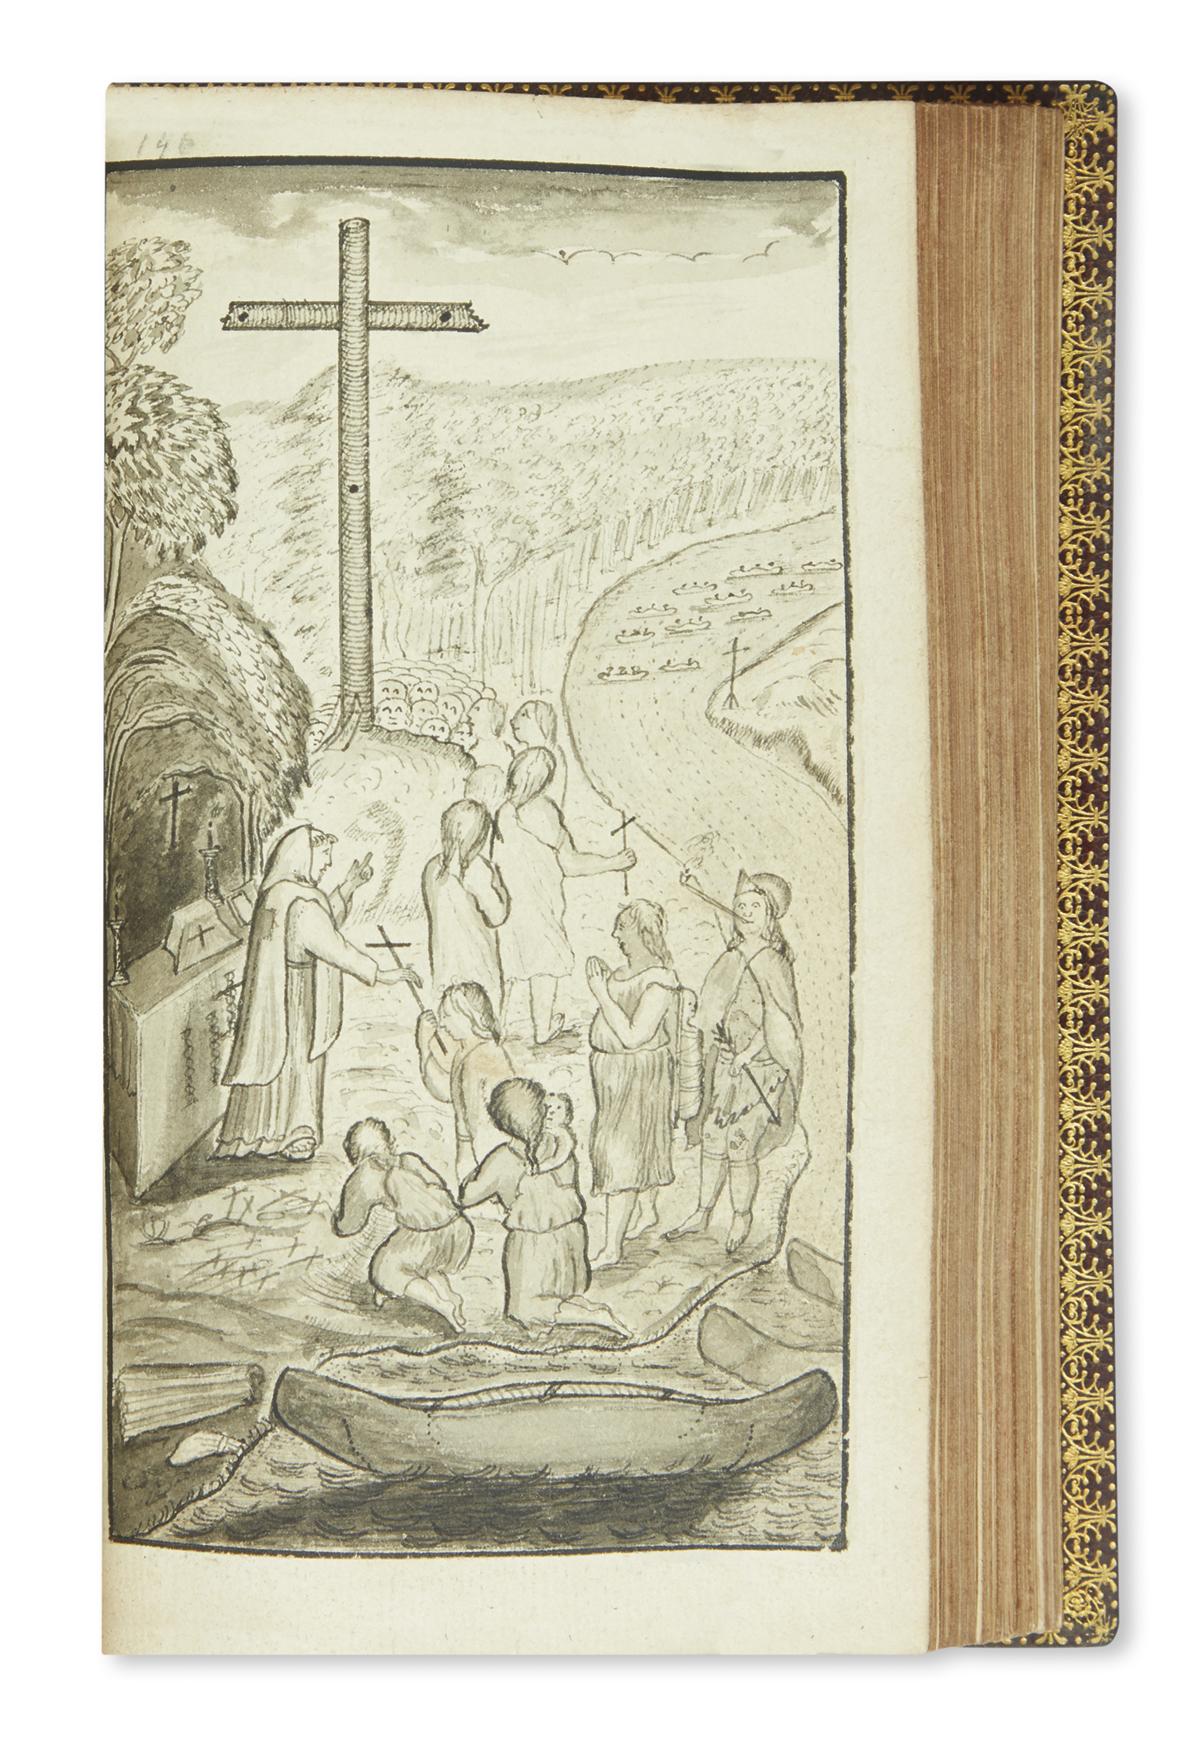 (CANADA.) Le Clerq, Chrestien. Nouvelle Relation de la Gaspesie, qui Contient les Moeurs & la Religion des Sauvages Gaspesiens